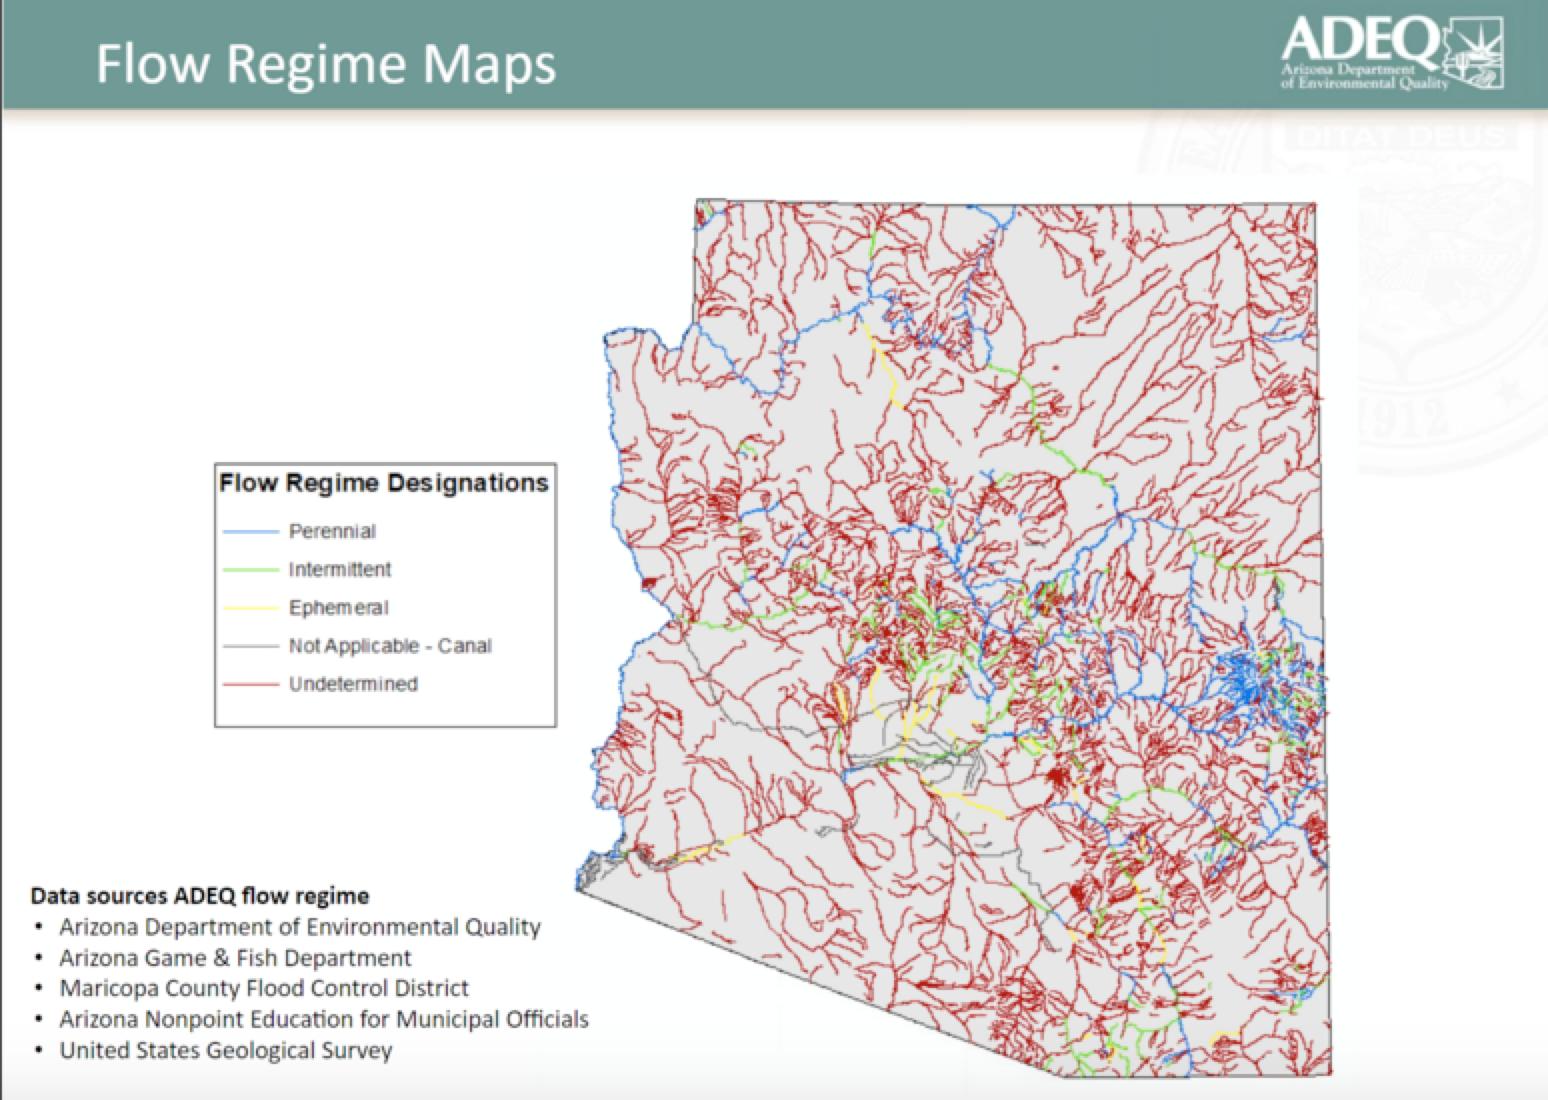 ADEQ flow regime map